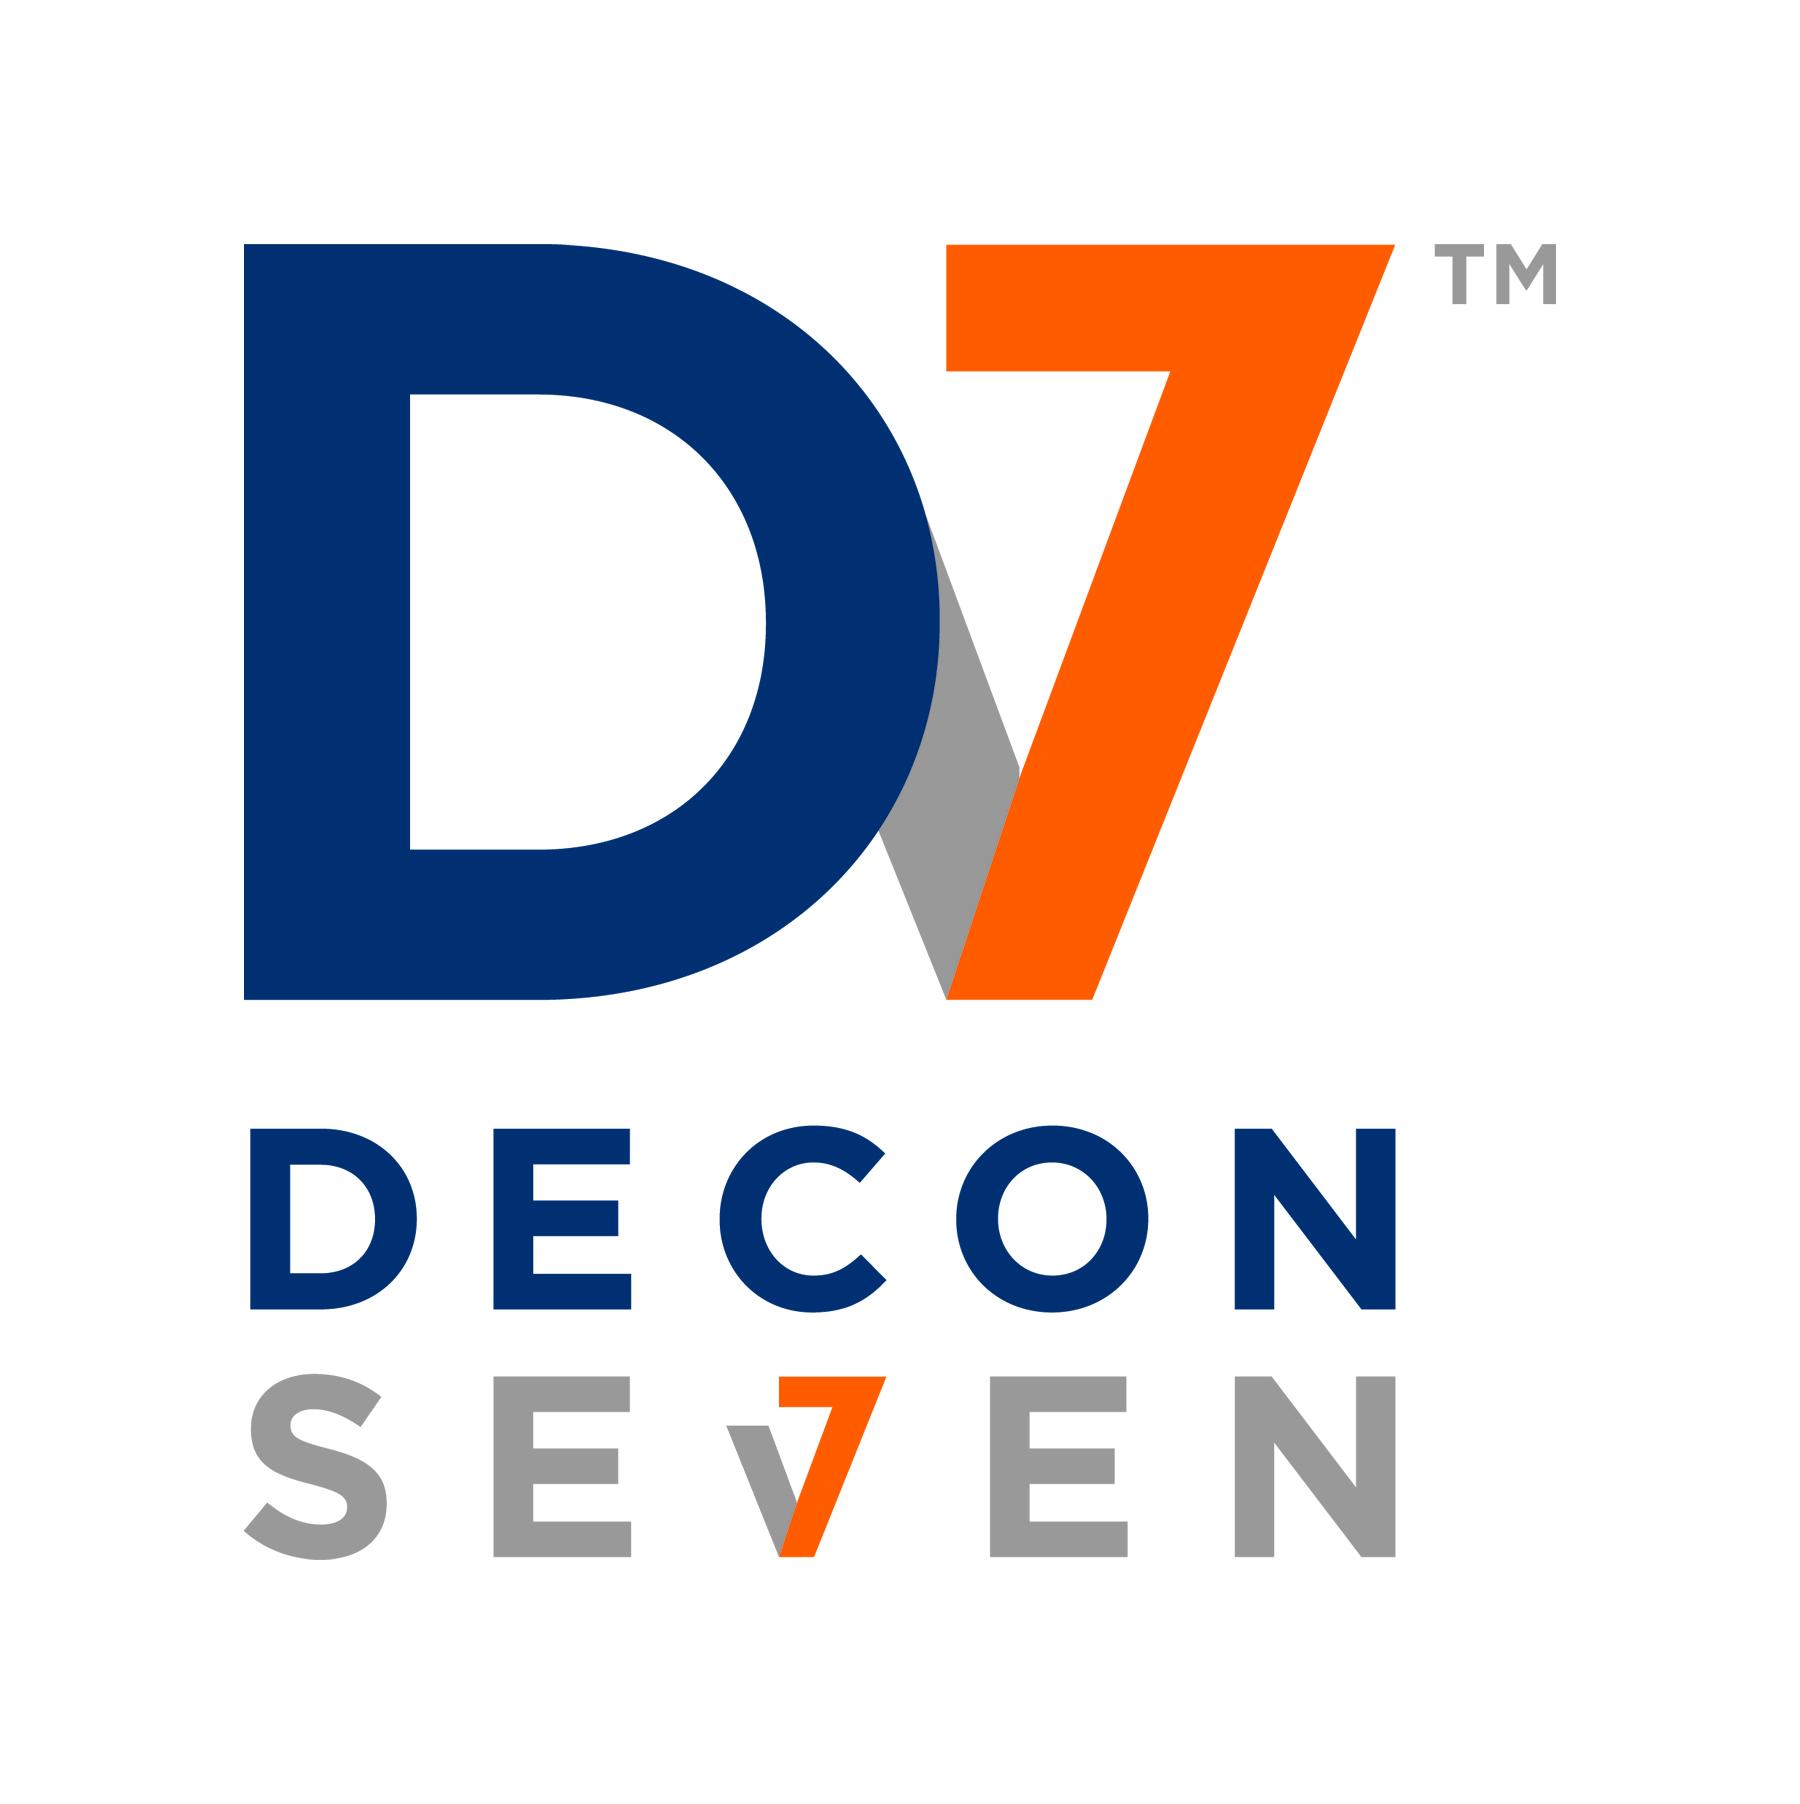 Decon7